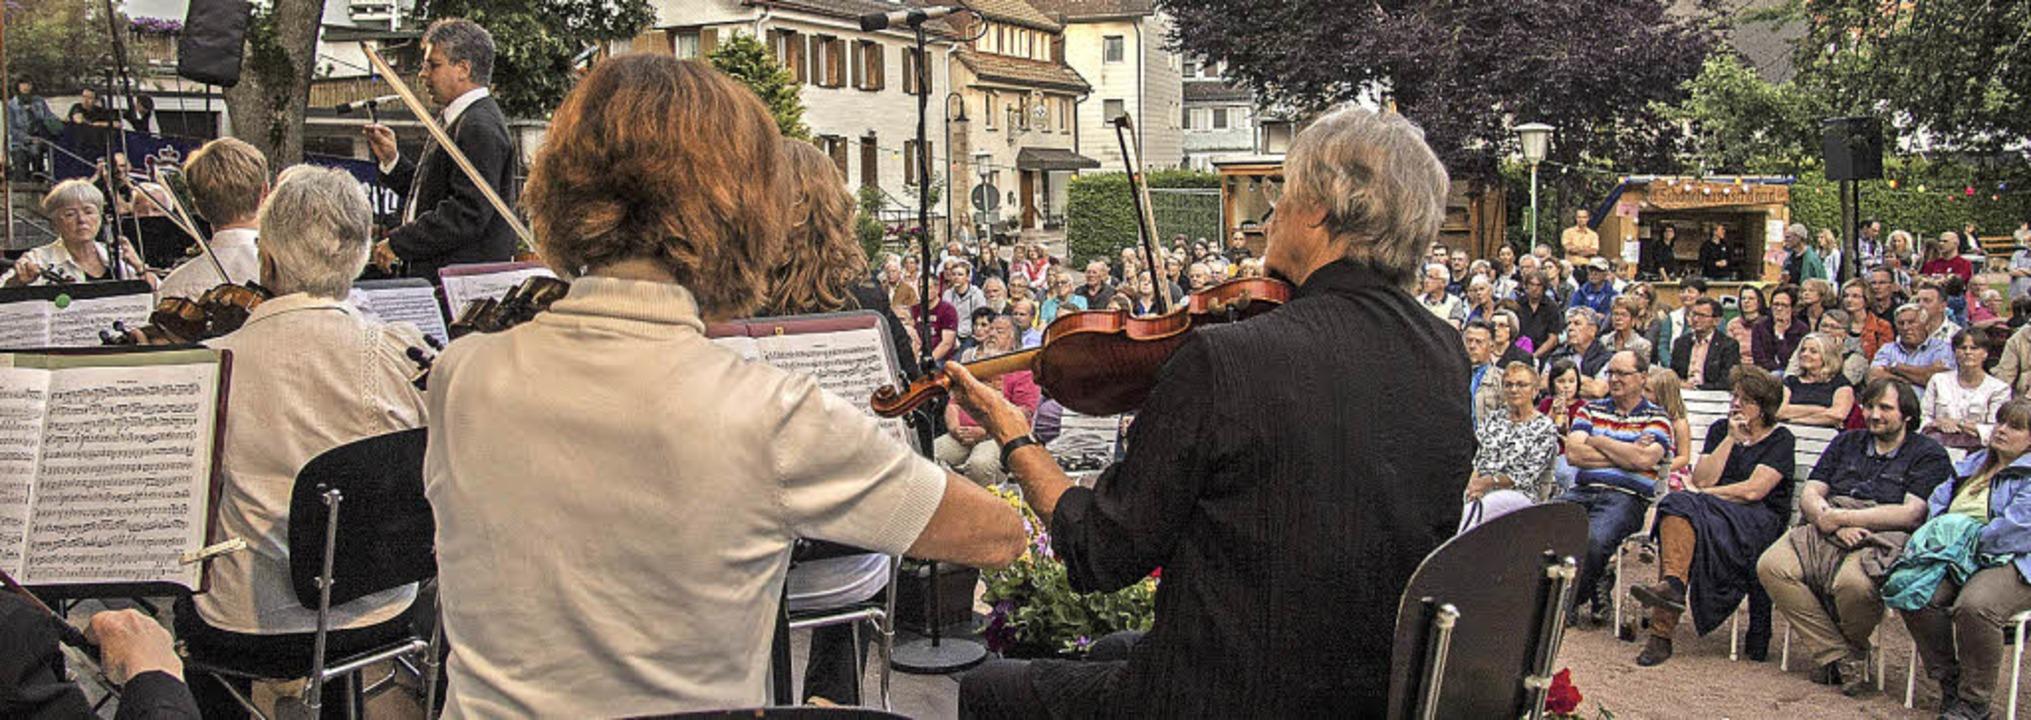 Etwa 250 Besucher genießen das Konzert des Sinfonischen Orchesters.   | Foto: Martin Hannig